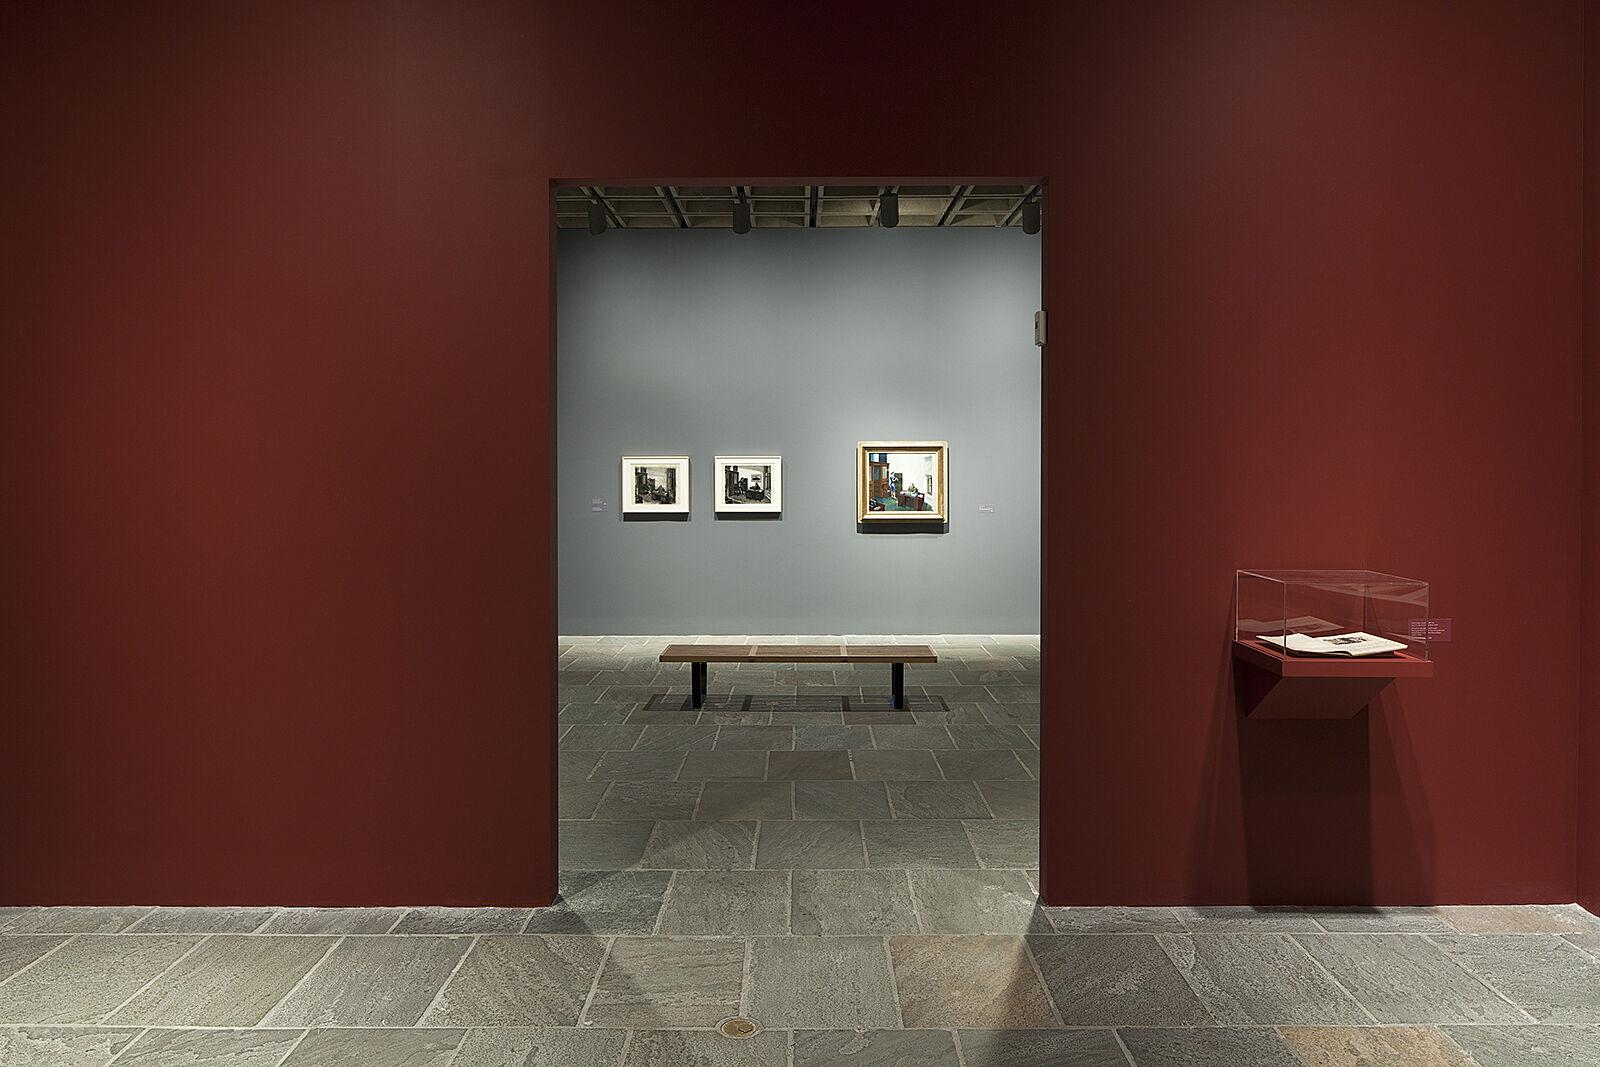 Doorway of exhibition with maroon walls.